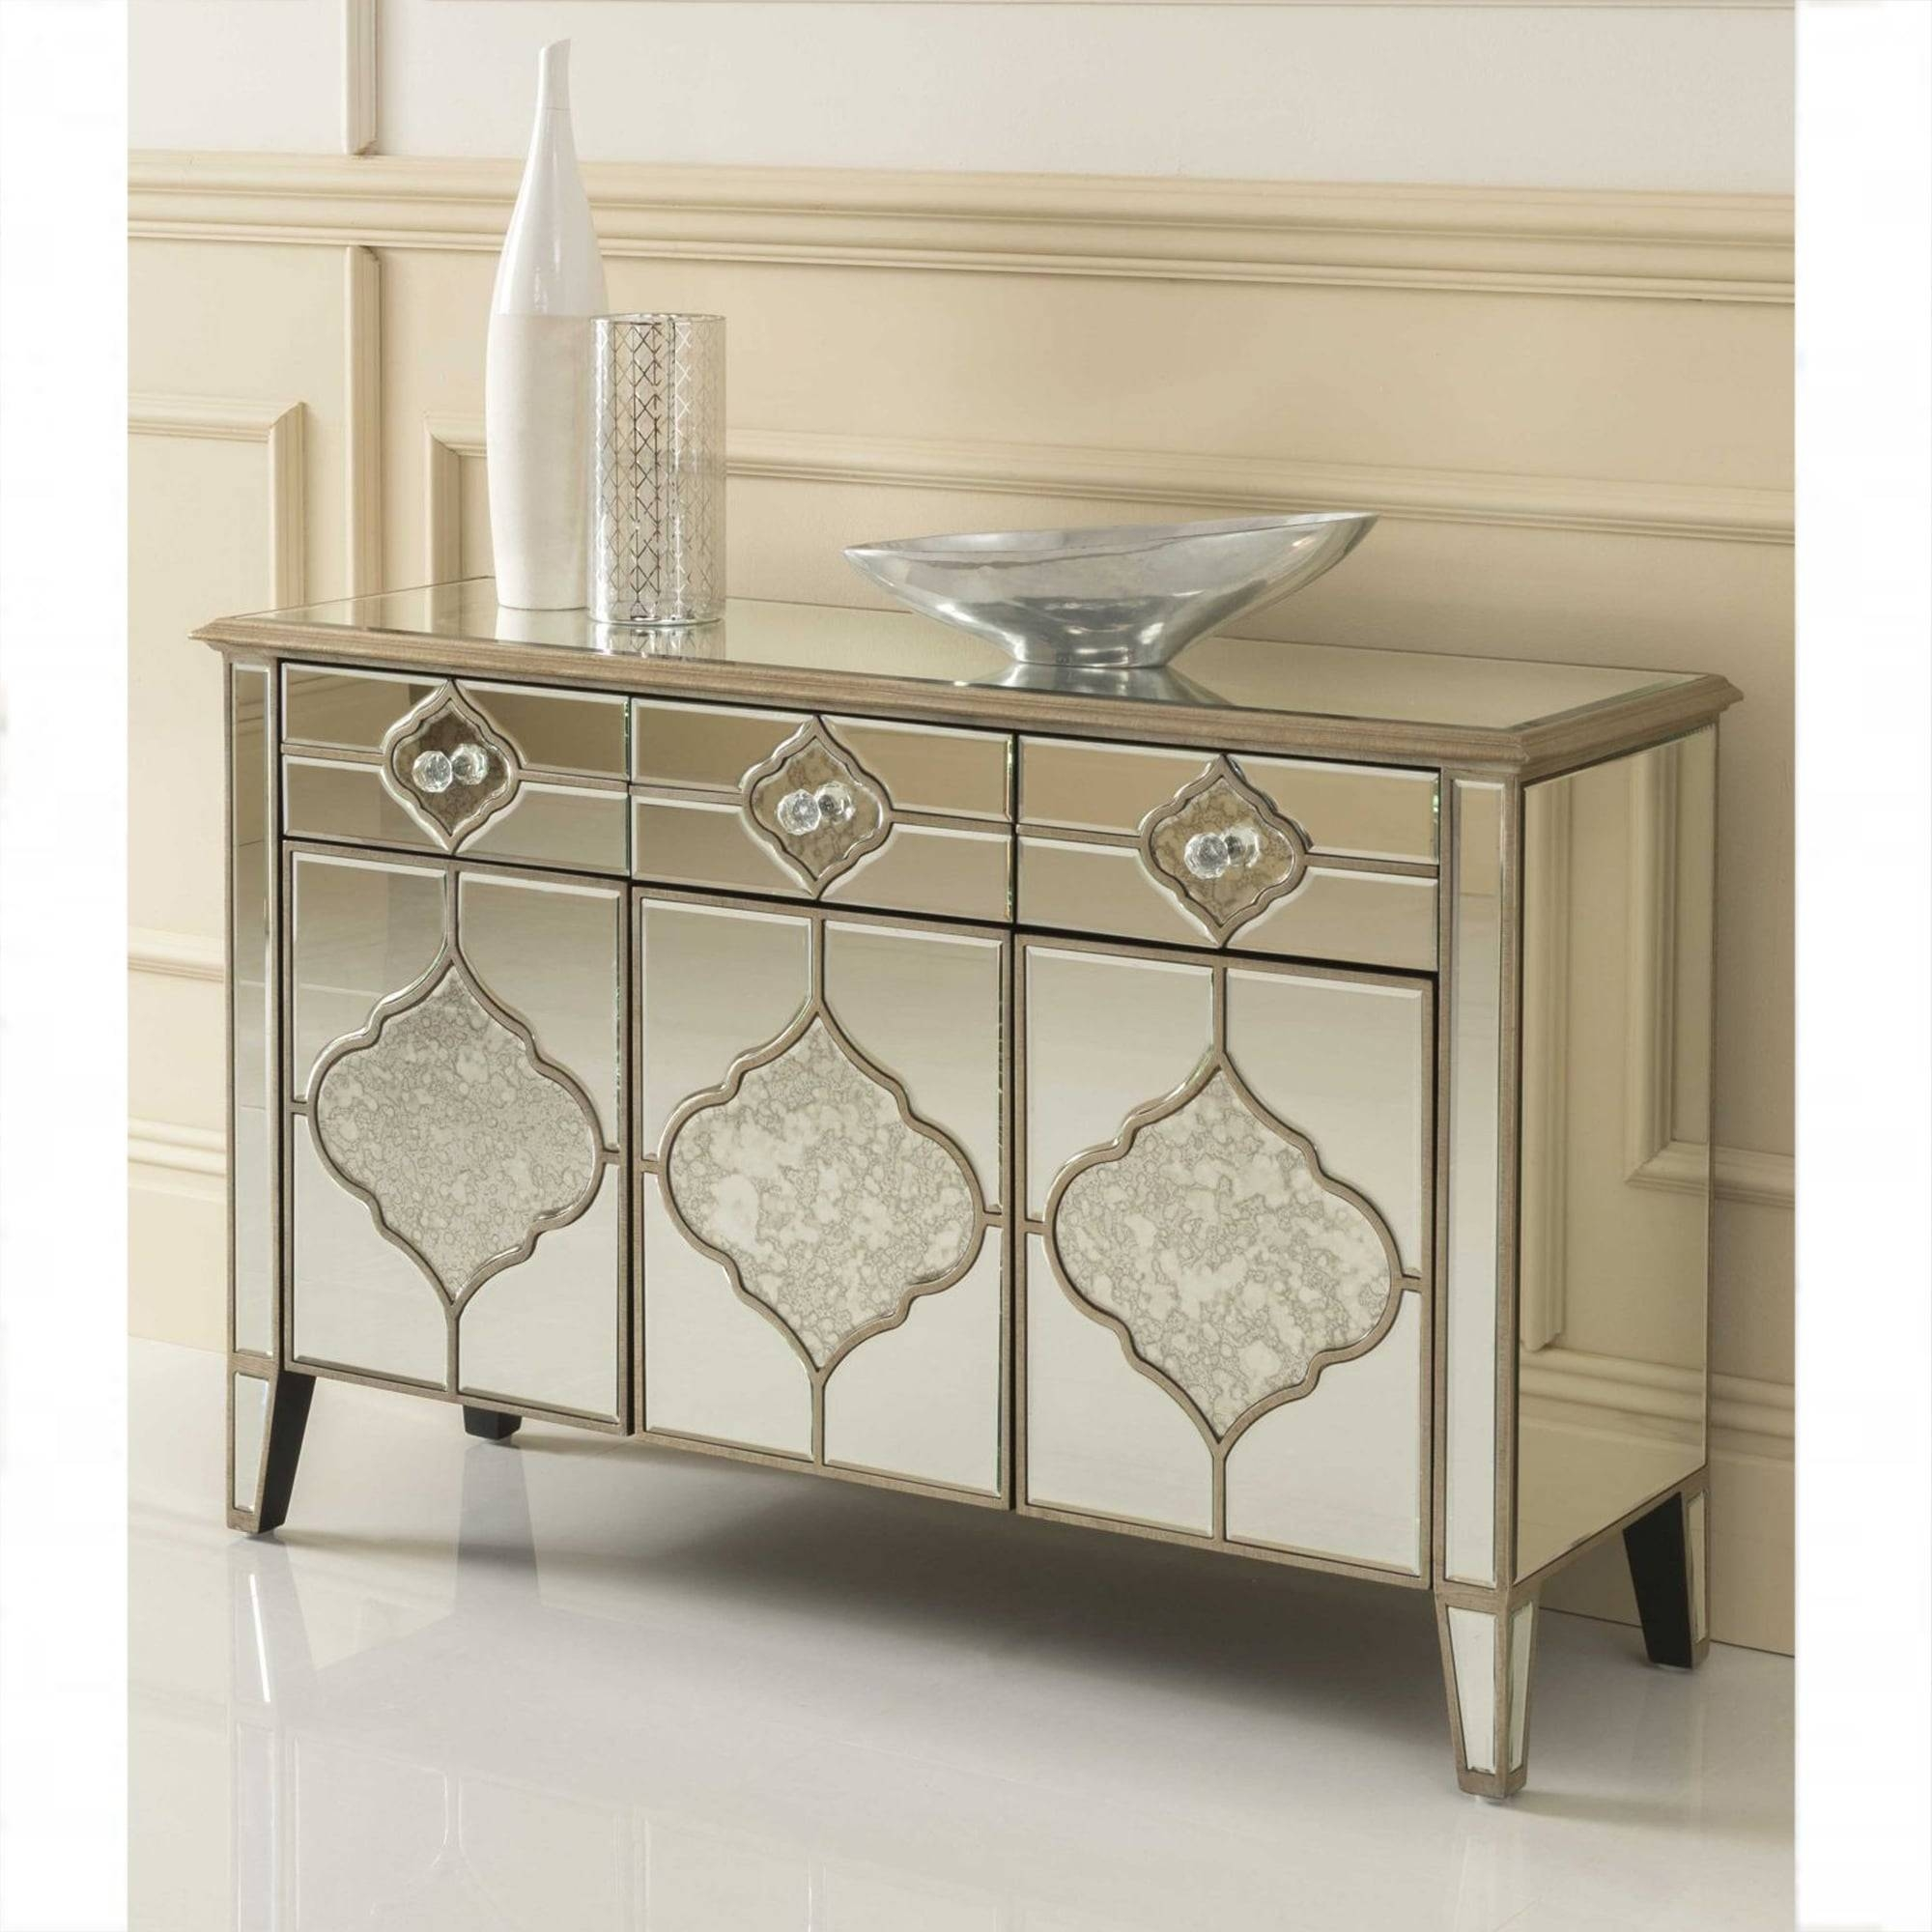 Sassari Mirrored Sideboard   Venetian Glass Furniture In Mirrored Sideboard Furniture (View 7 of 20)